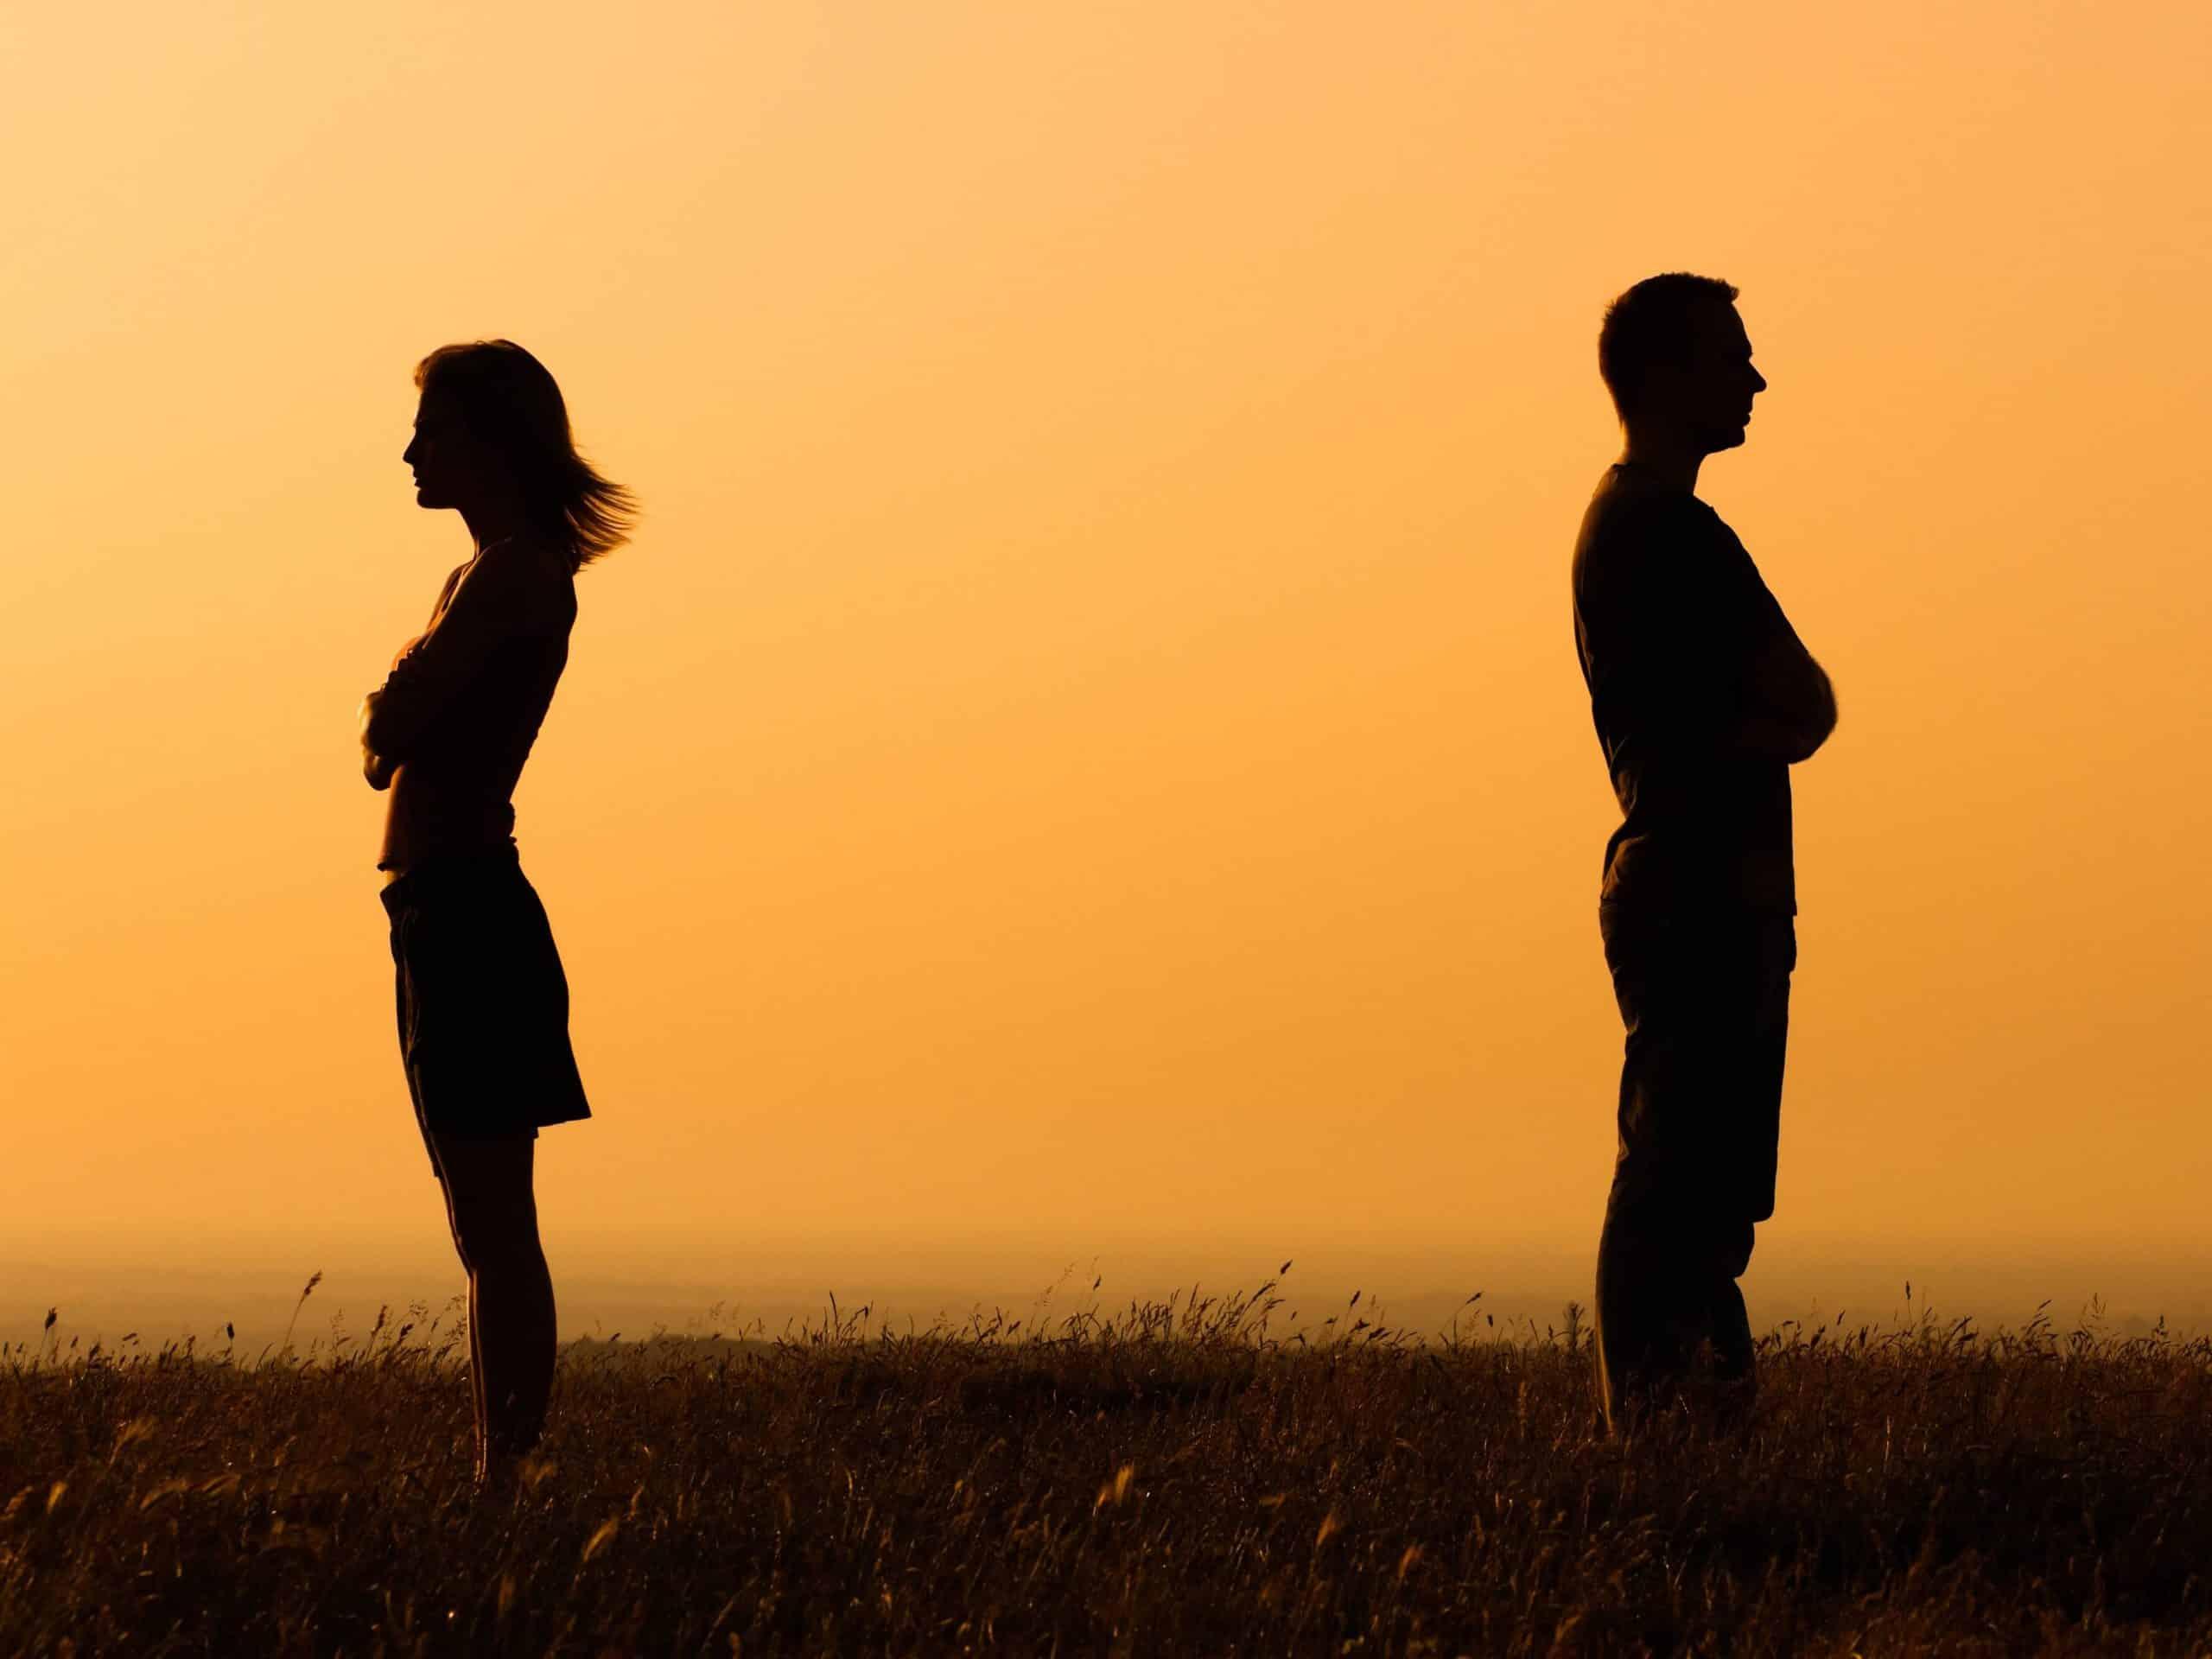 Citation Comment réussir à pardonner quand on a souffert ?